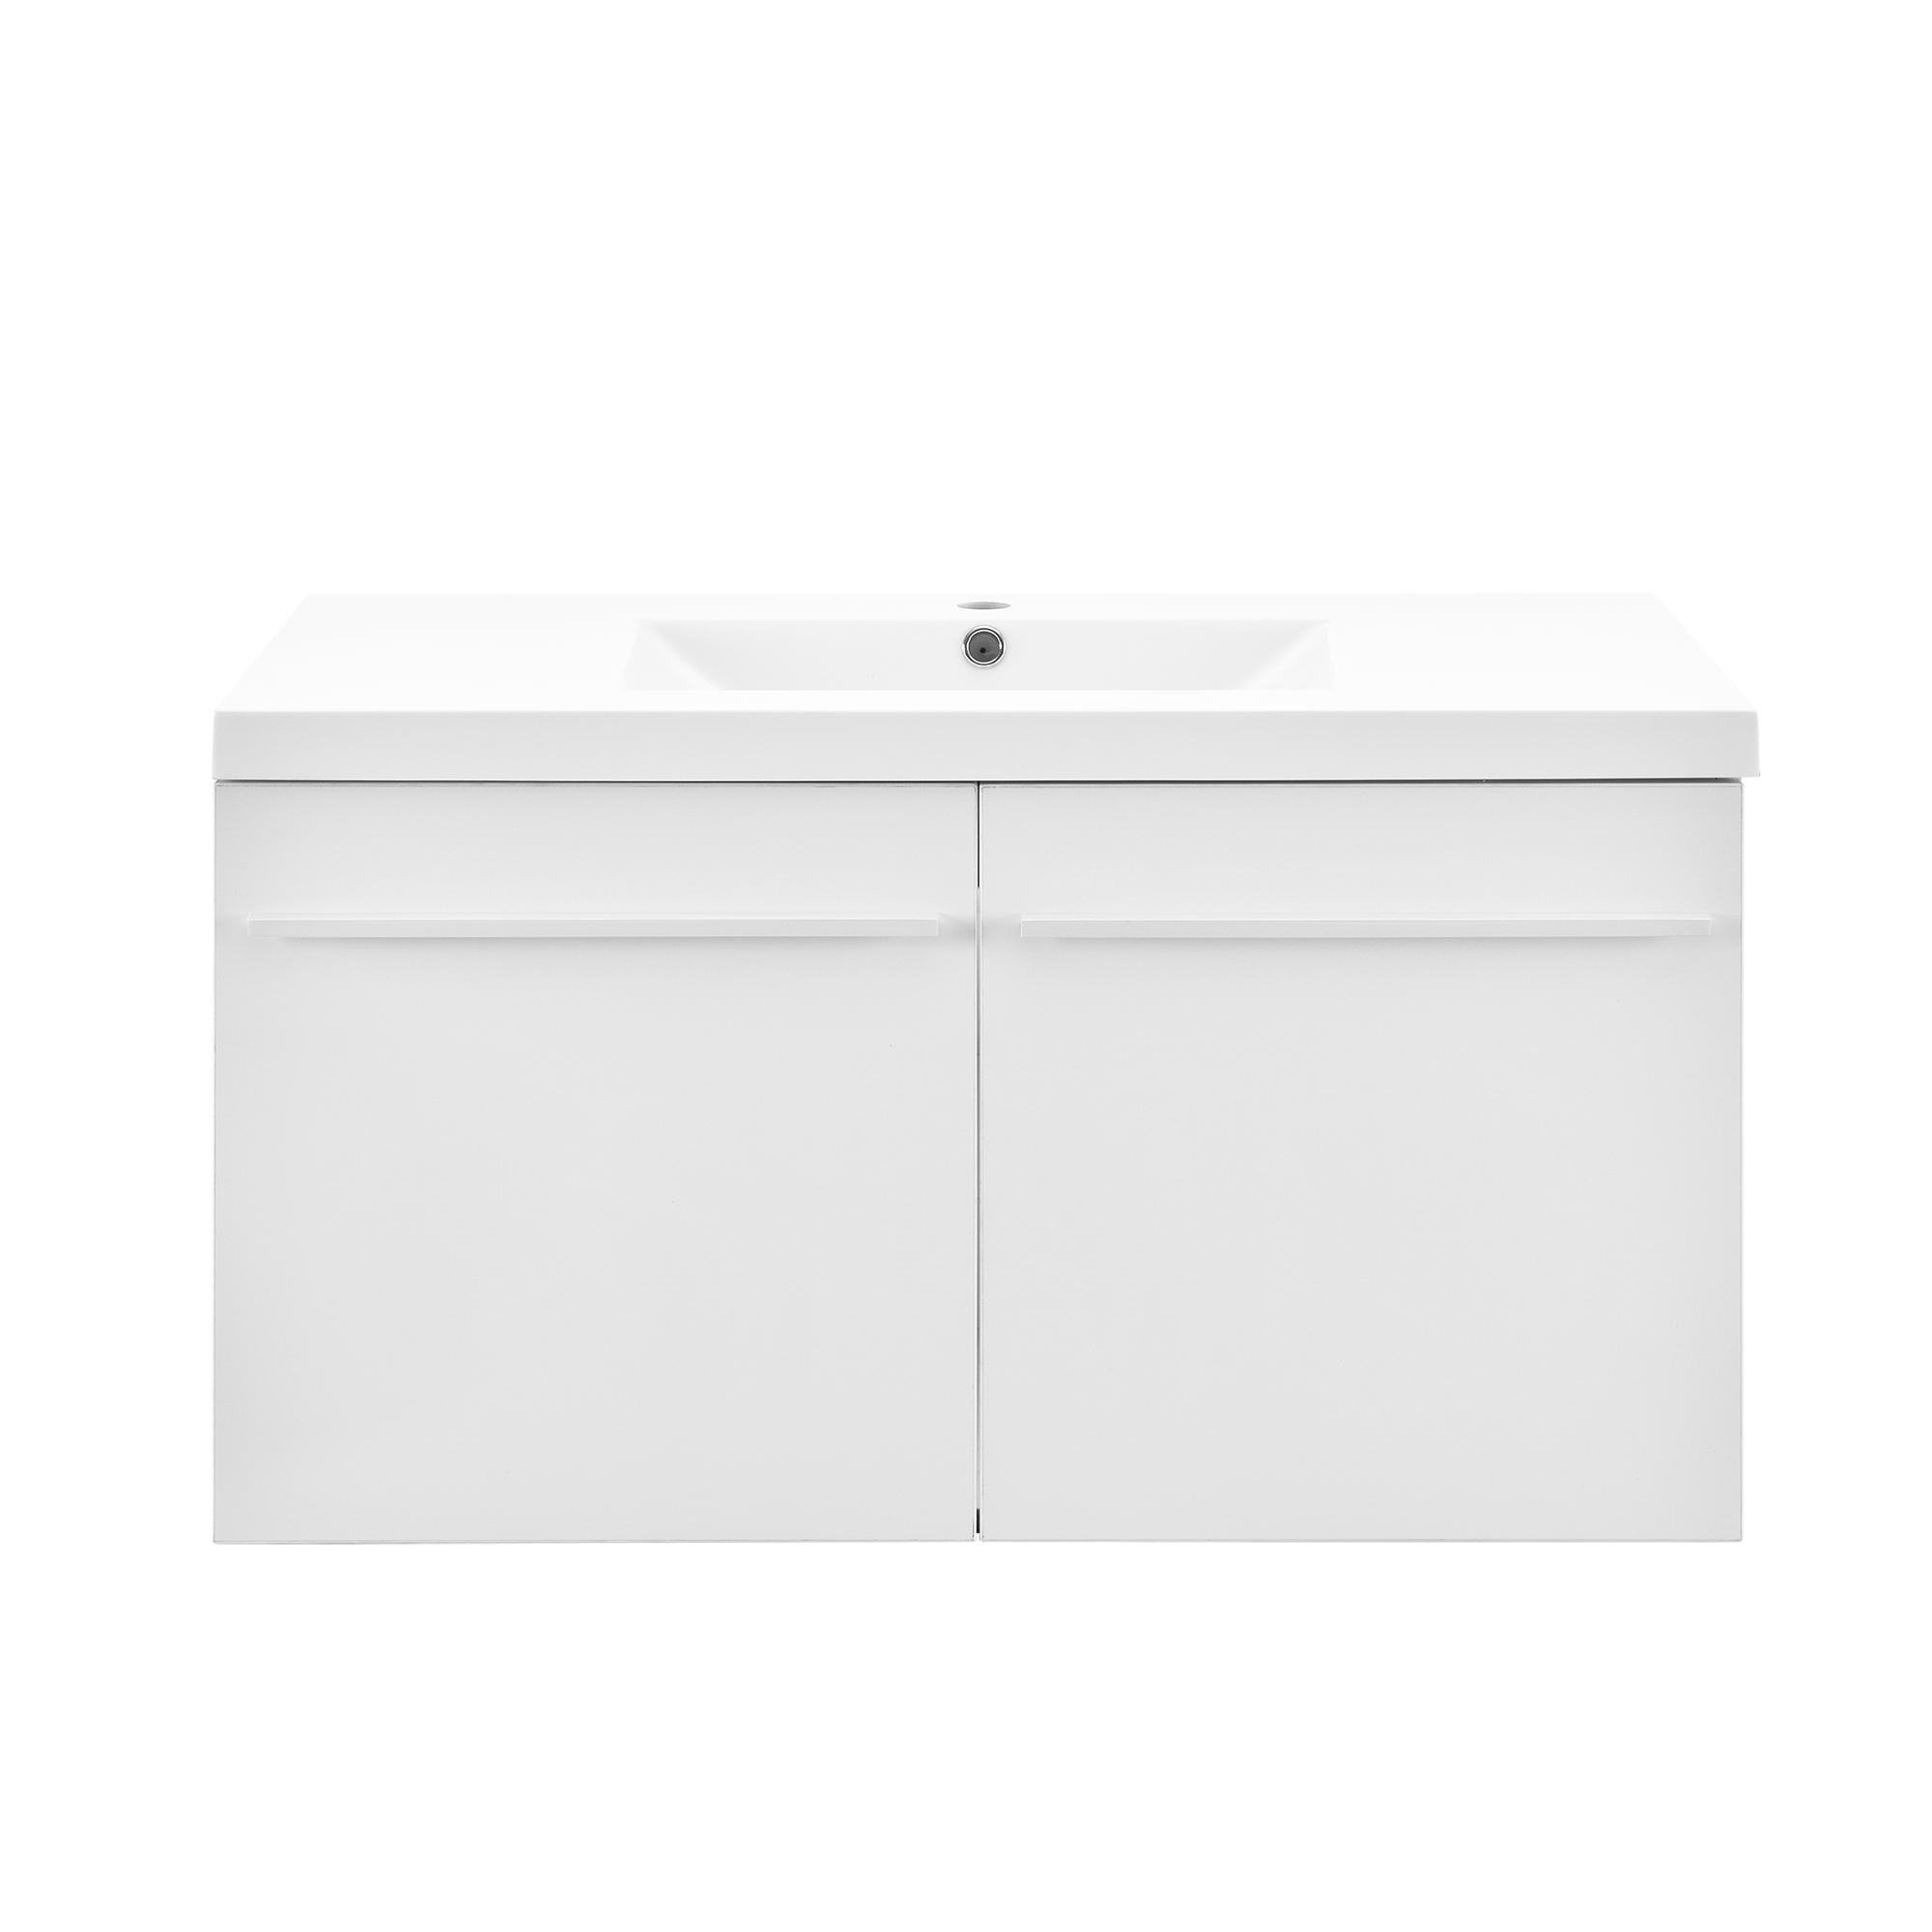 Neuhaus armoire de salle bain conduit miroir meuble - Armoire salle de bain blanc ...